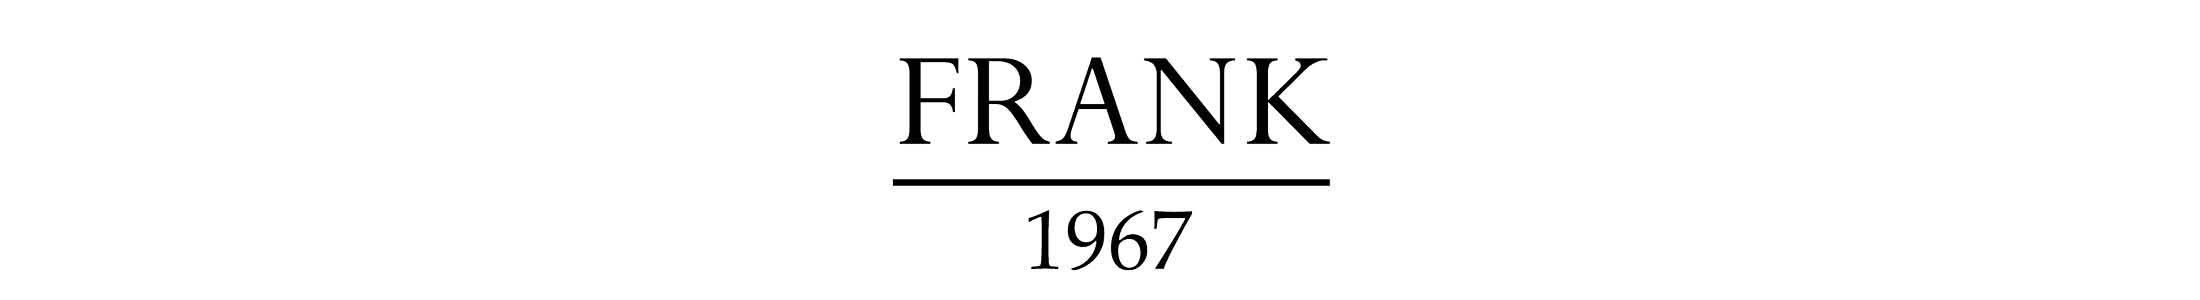 Frank1967